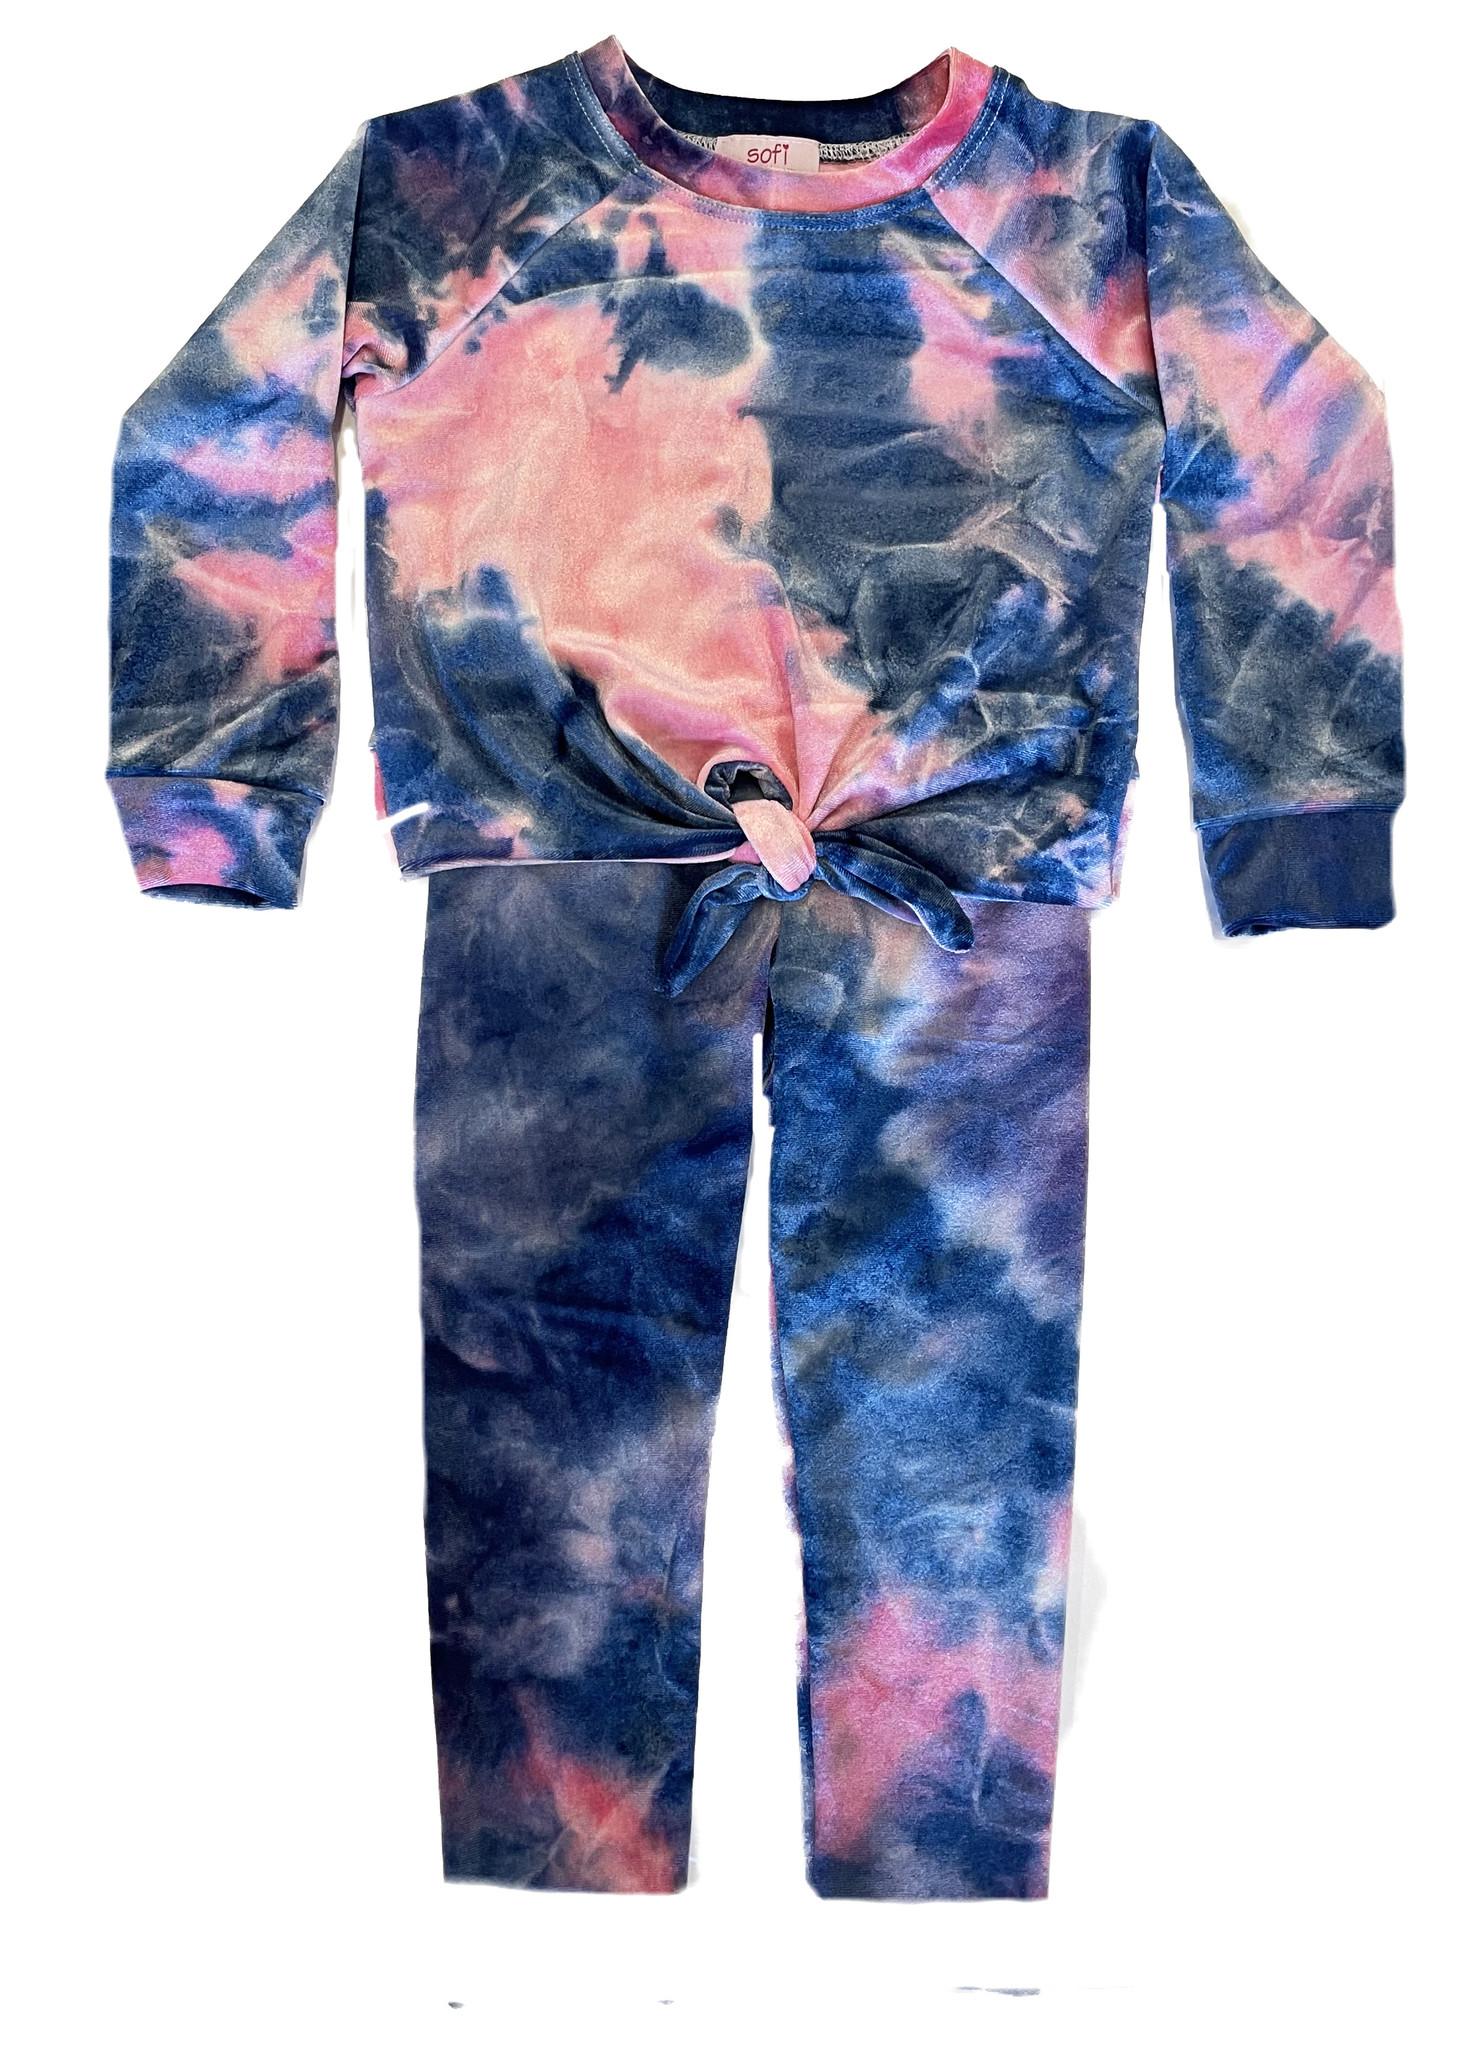 Sofi Pink/Blue TD Velvet Infant Legging Set